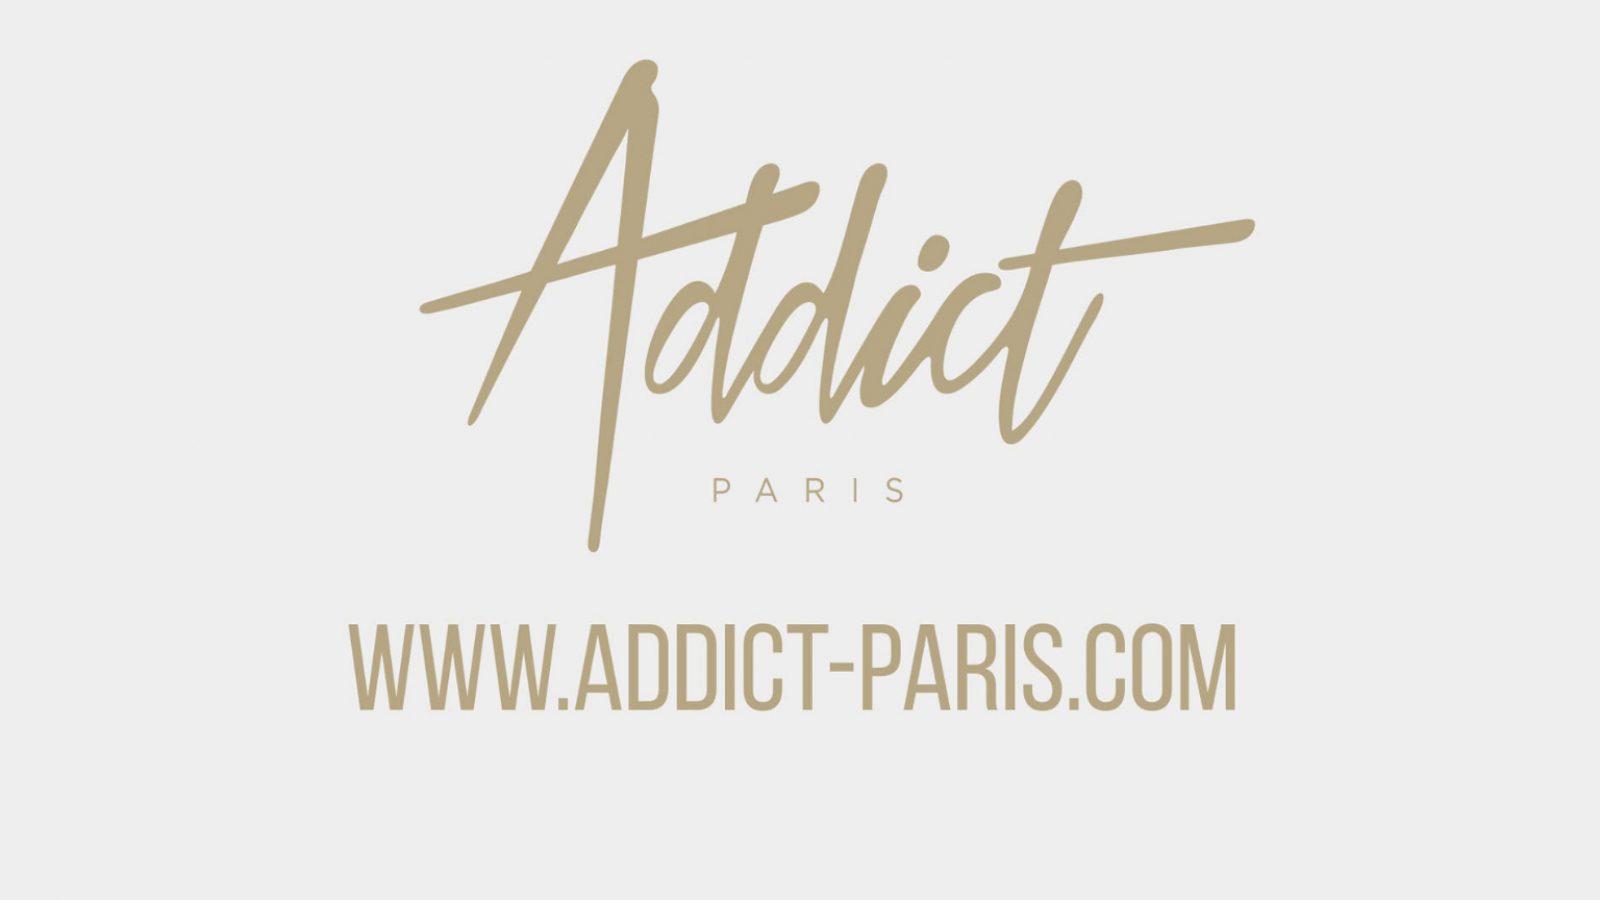 addict-paris